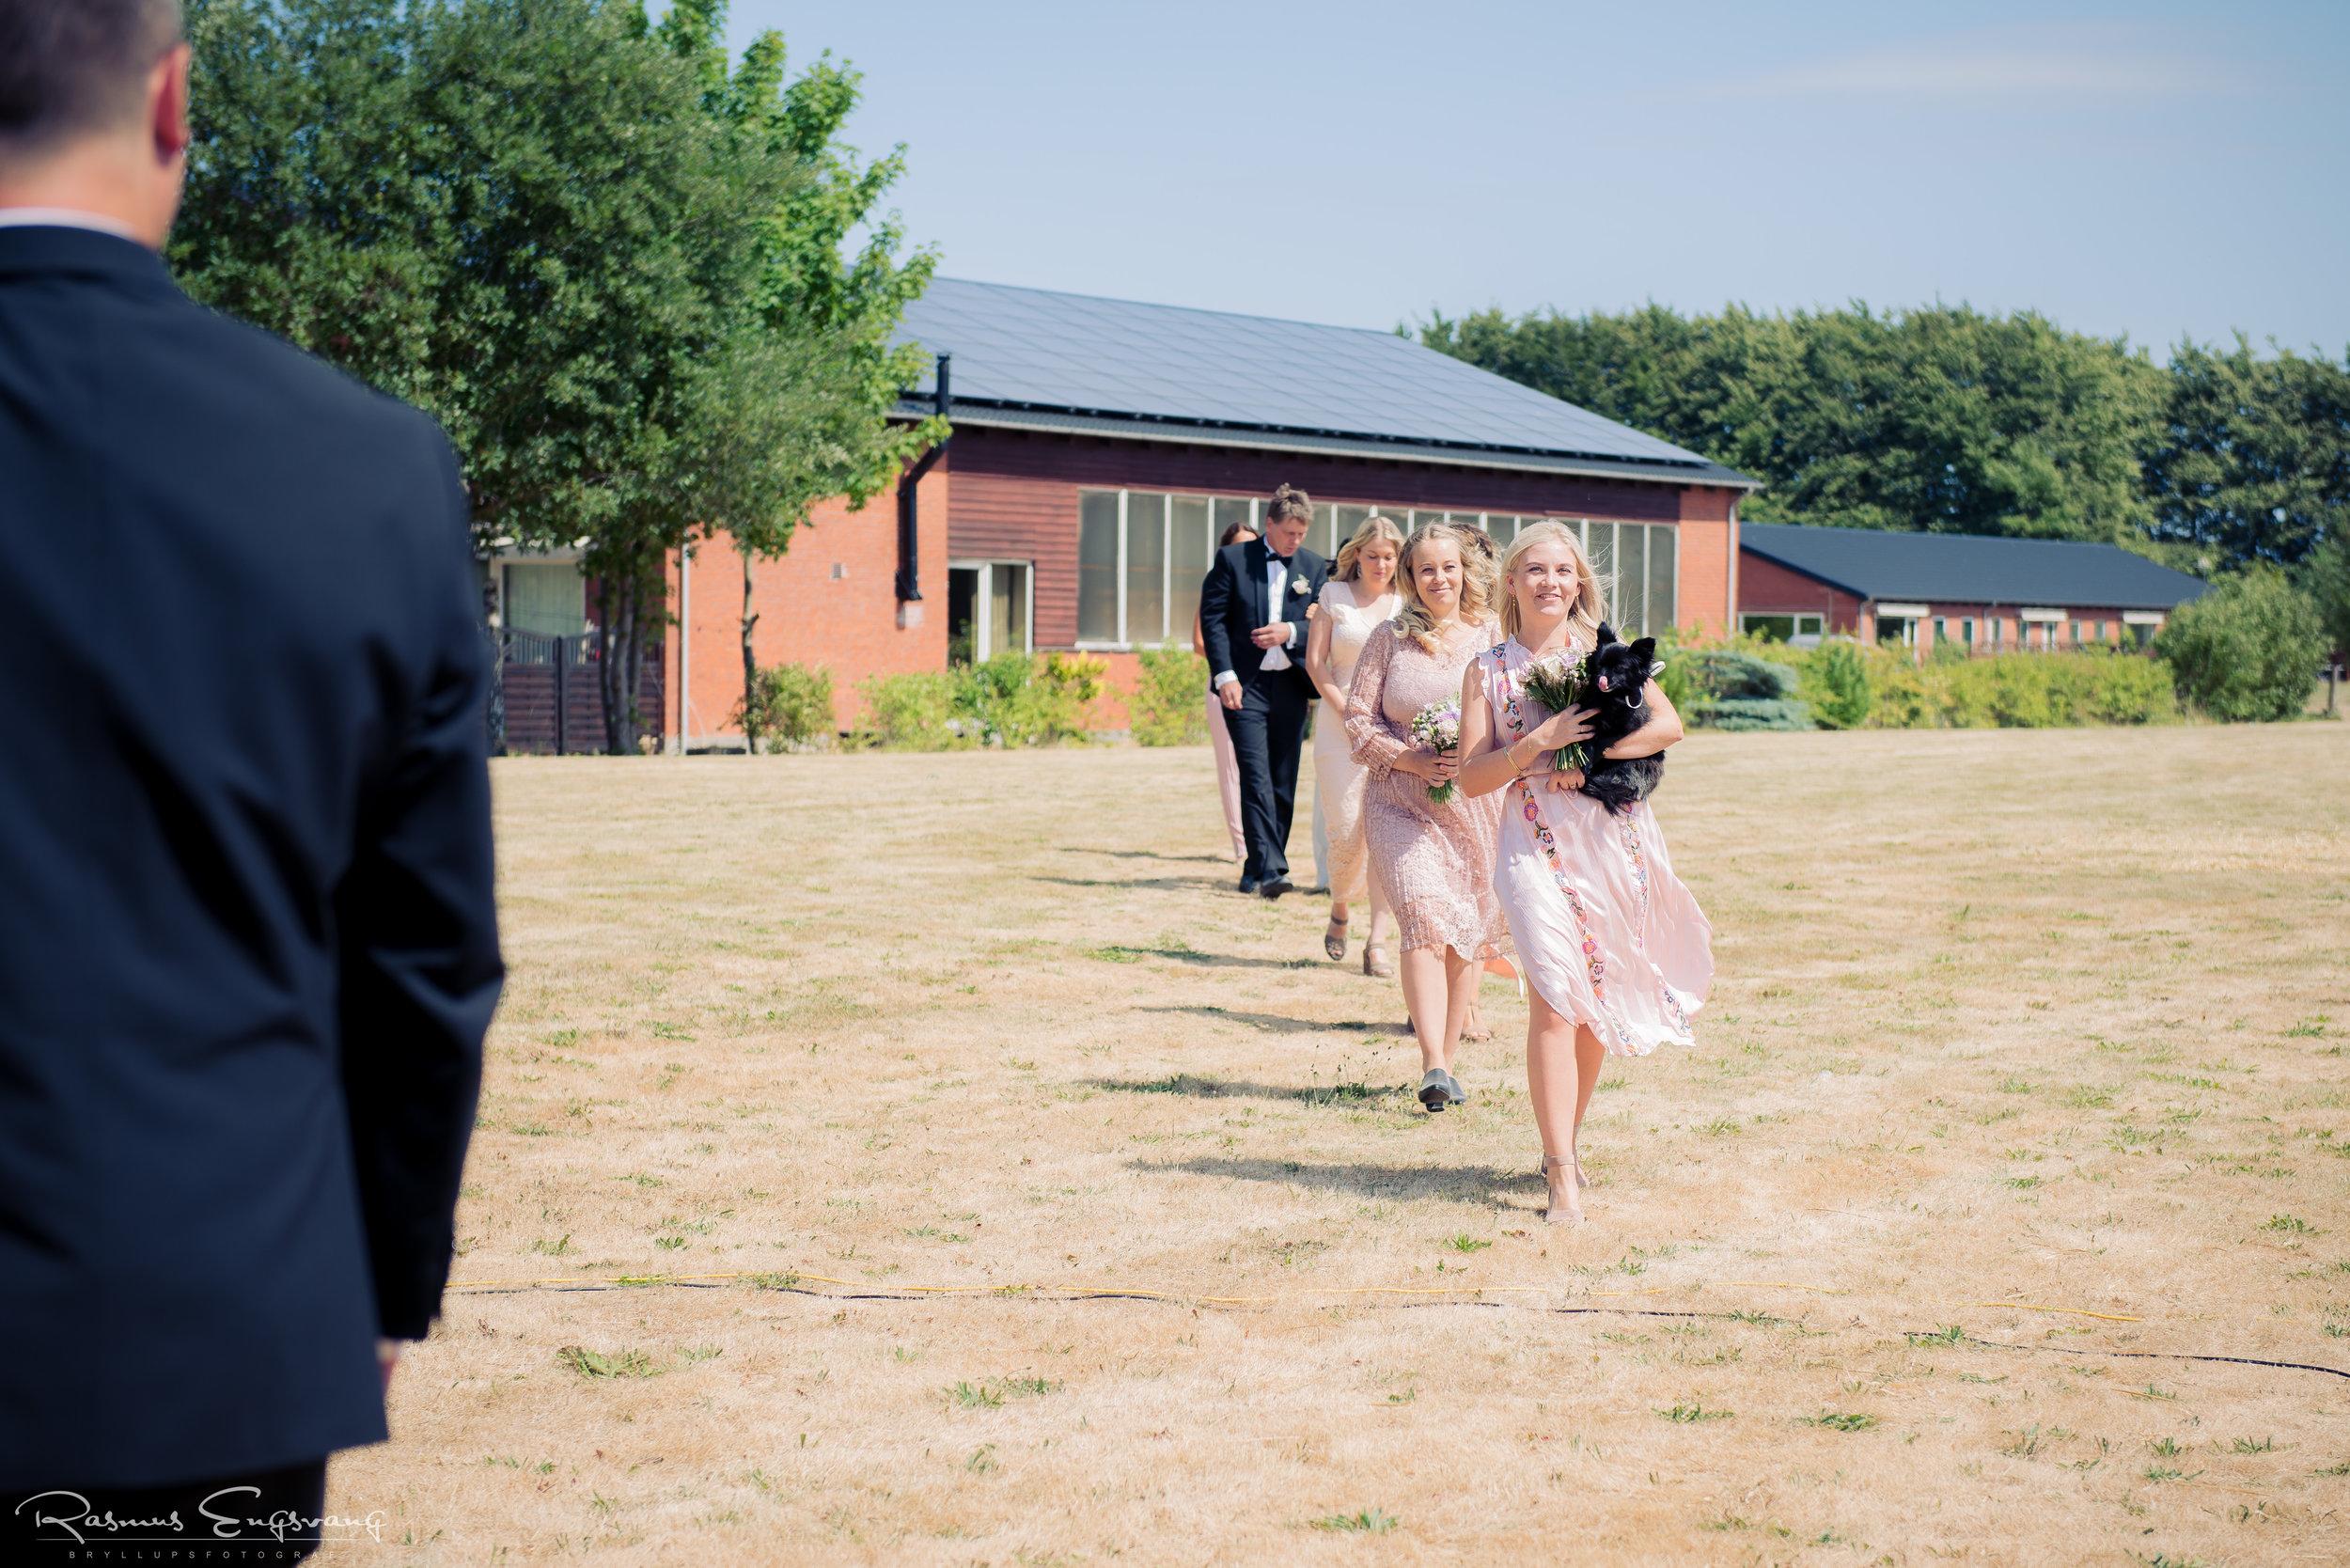 Roskilde_fotograf_til_bryllup-132.jpg